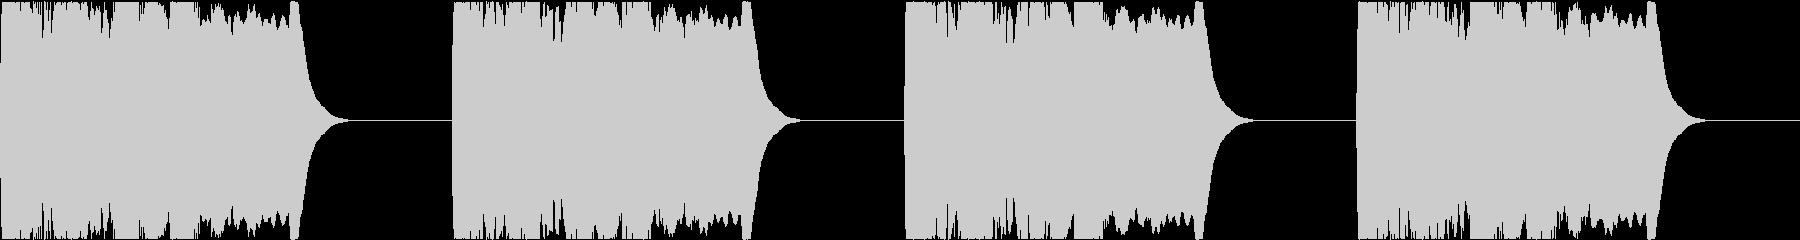 サイレン siren 警報 アラート 4の未再生の波形